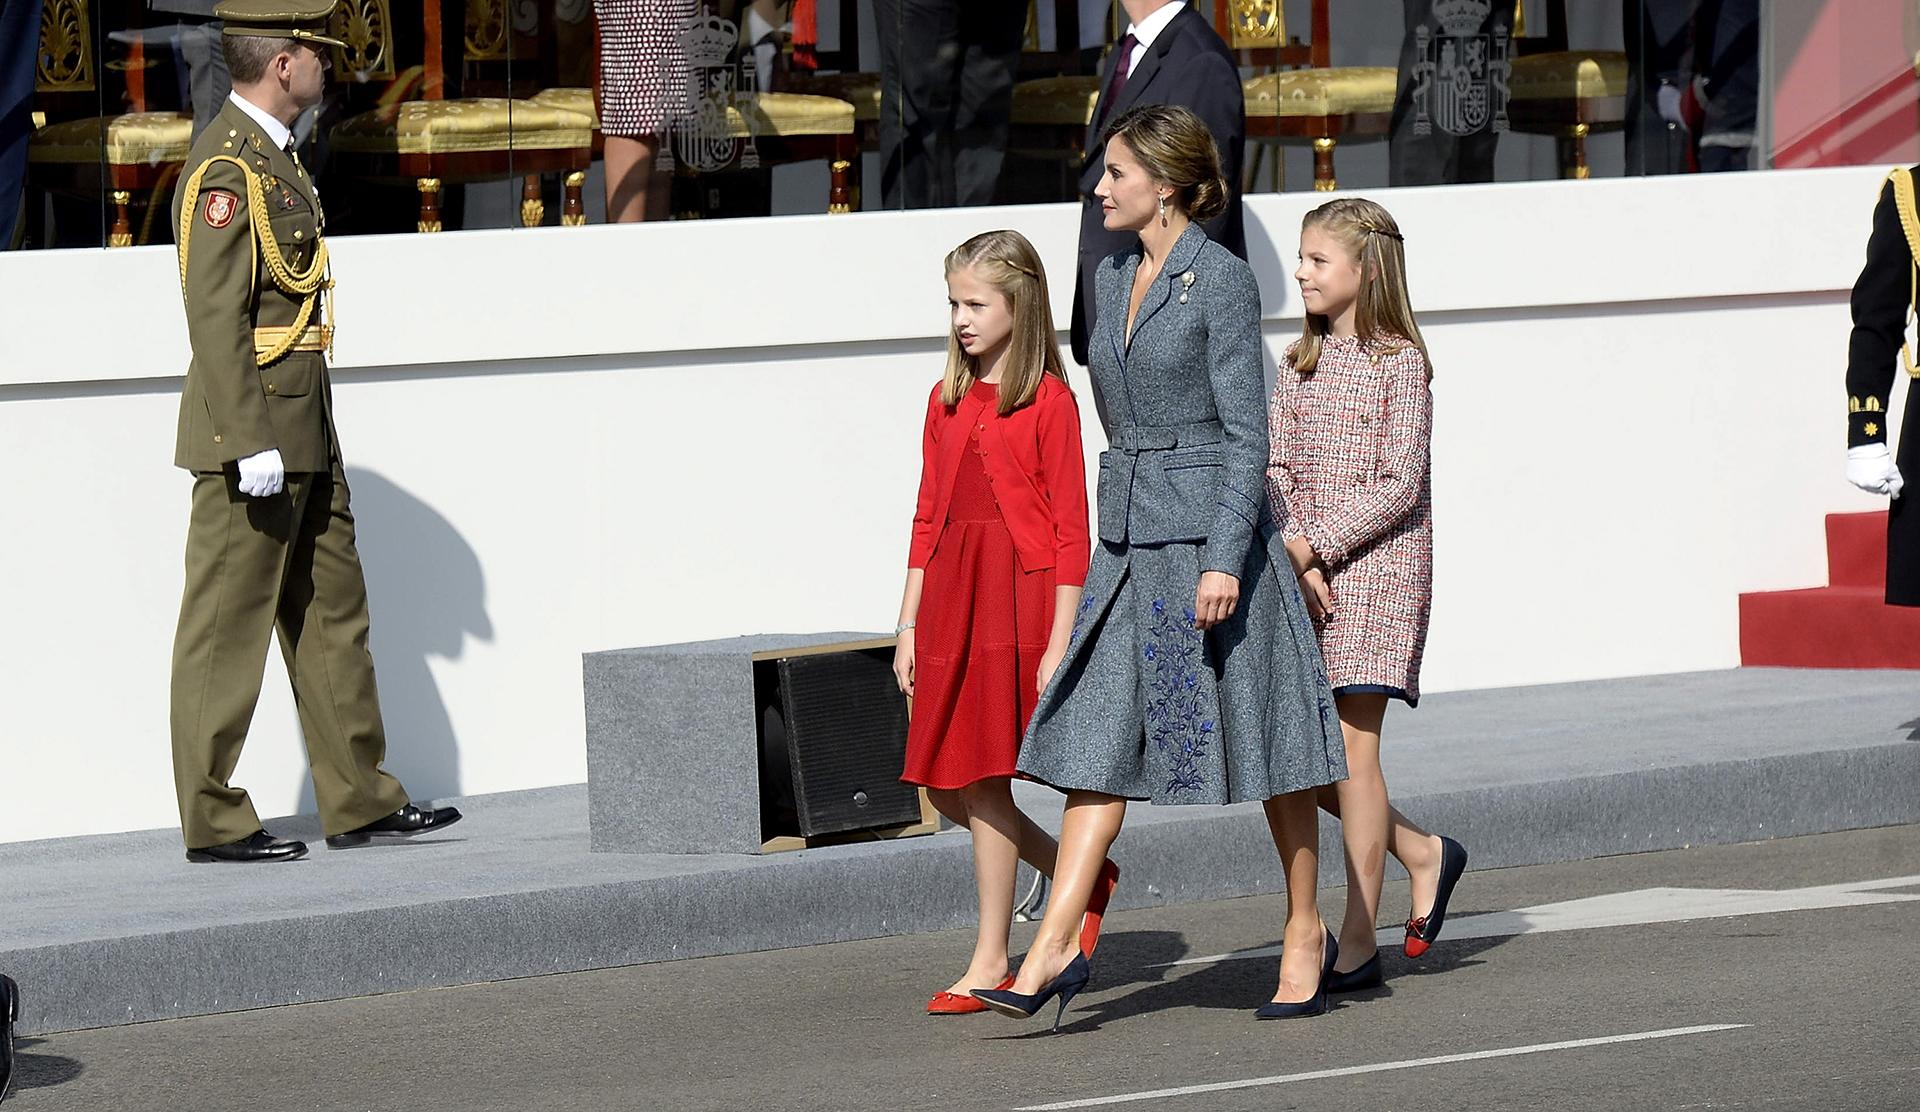 Las pequeñas caminaron con su madre. En todo momento, Sofía tapó con su mano el vendaje que cubría su mano derecha, para evitar que los fotógrafos capturaran la imagen